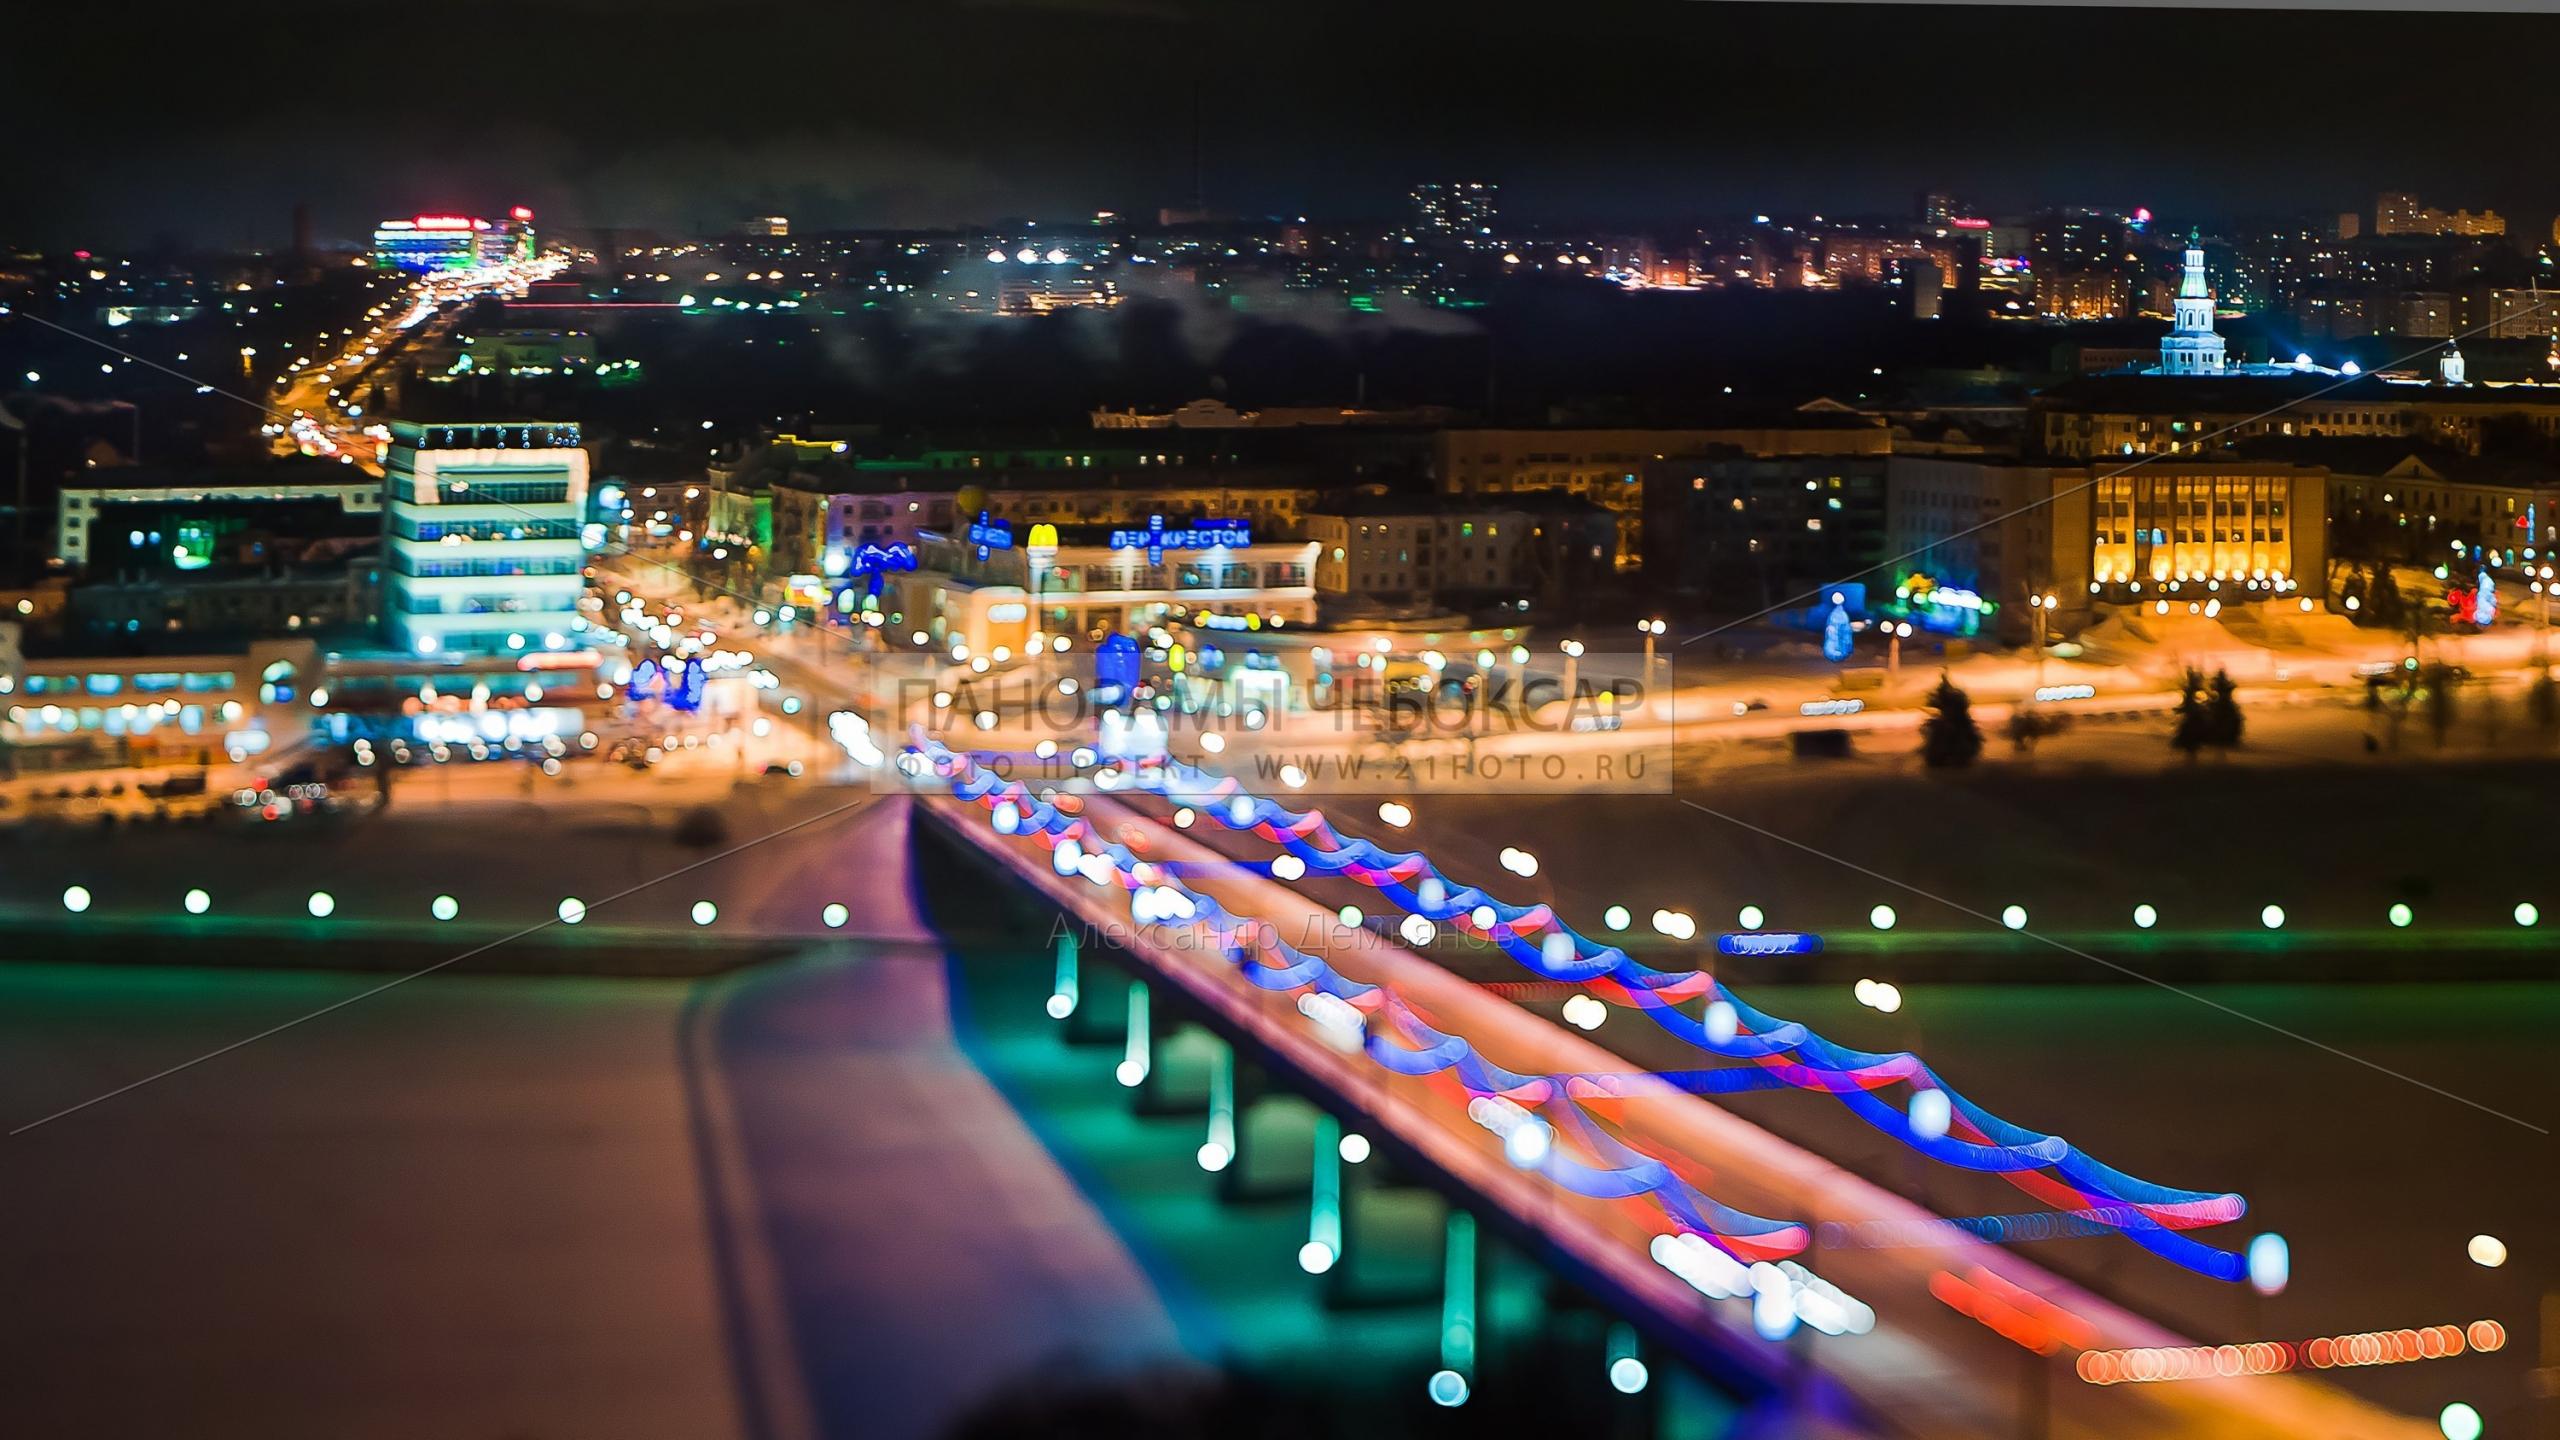 Фото-панорама Чебоксарского ночного залива зимой